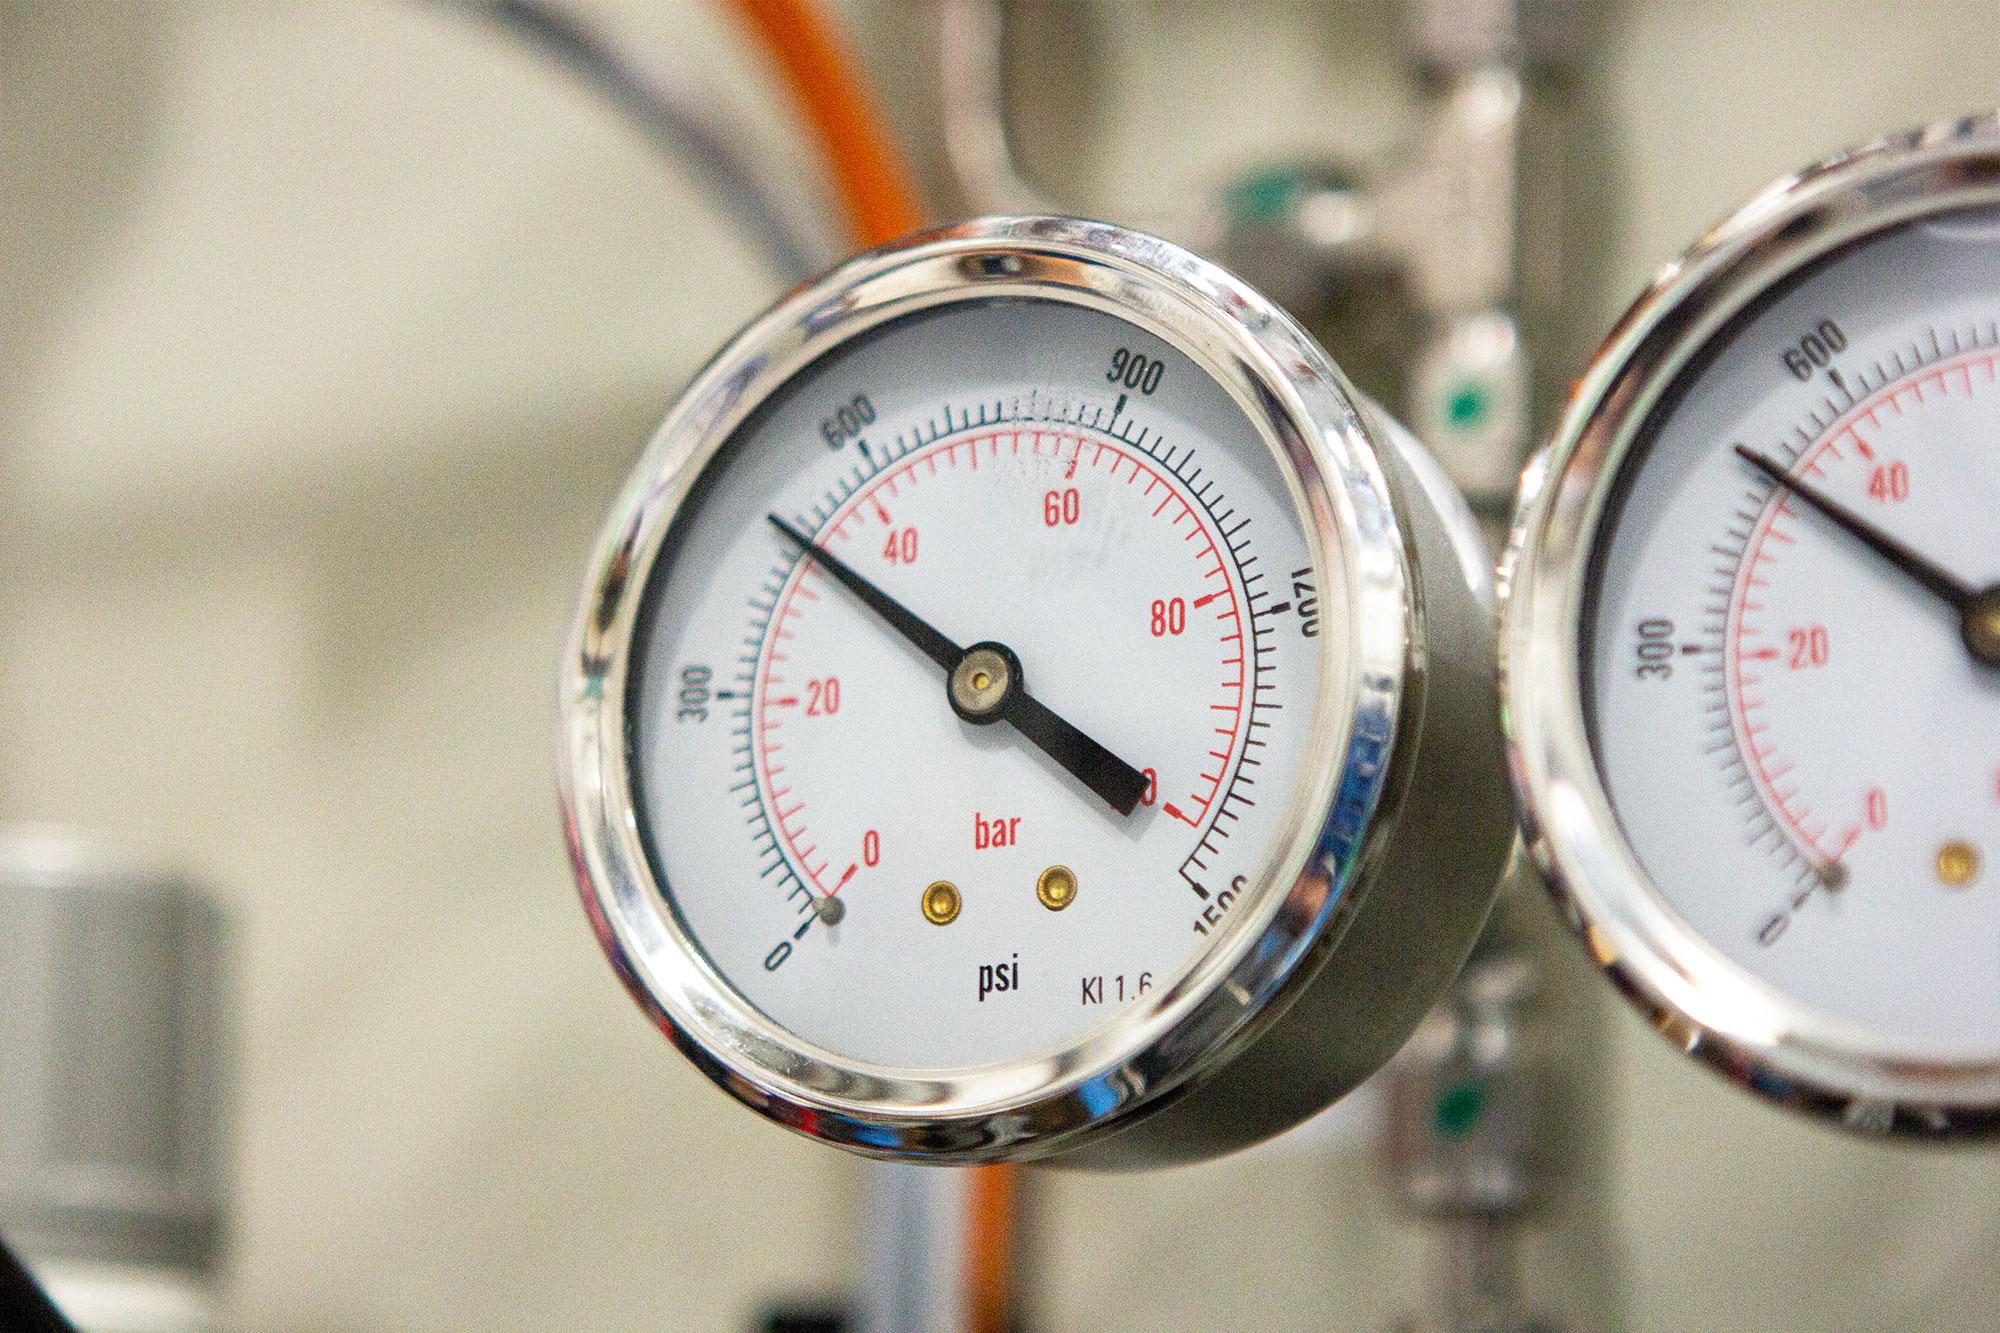 Industrial helium leak testing system